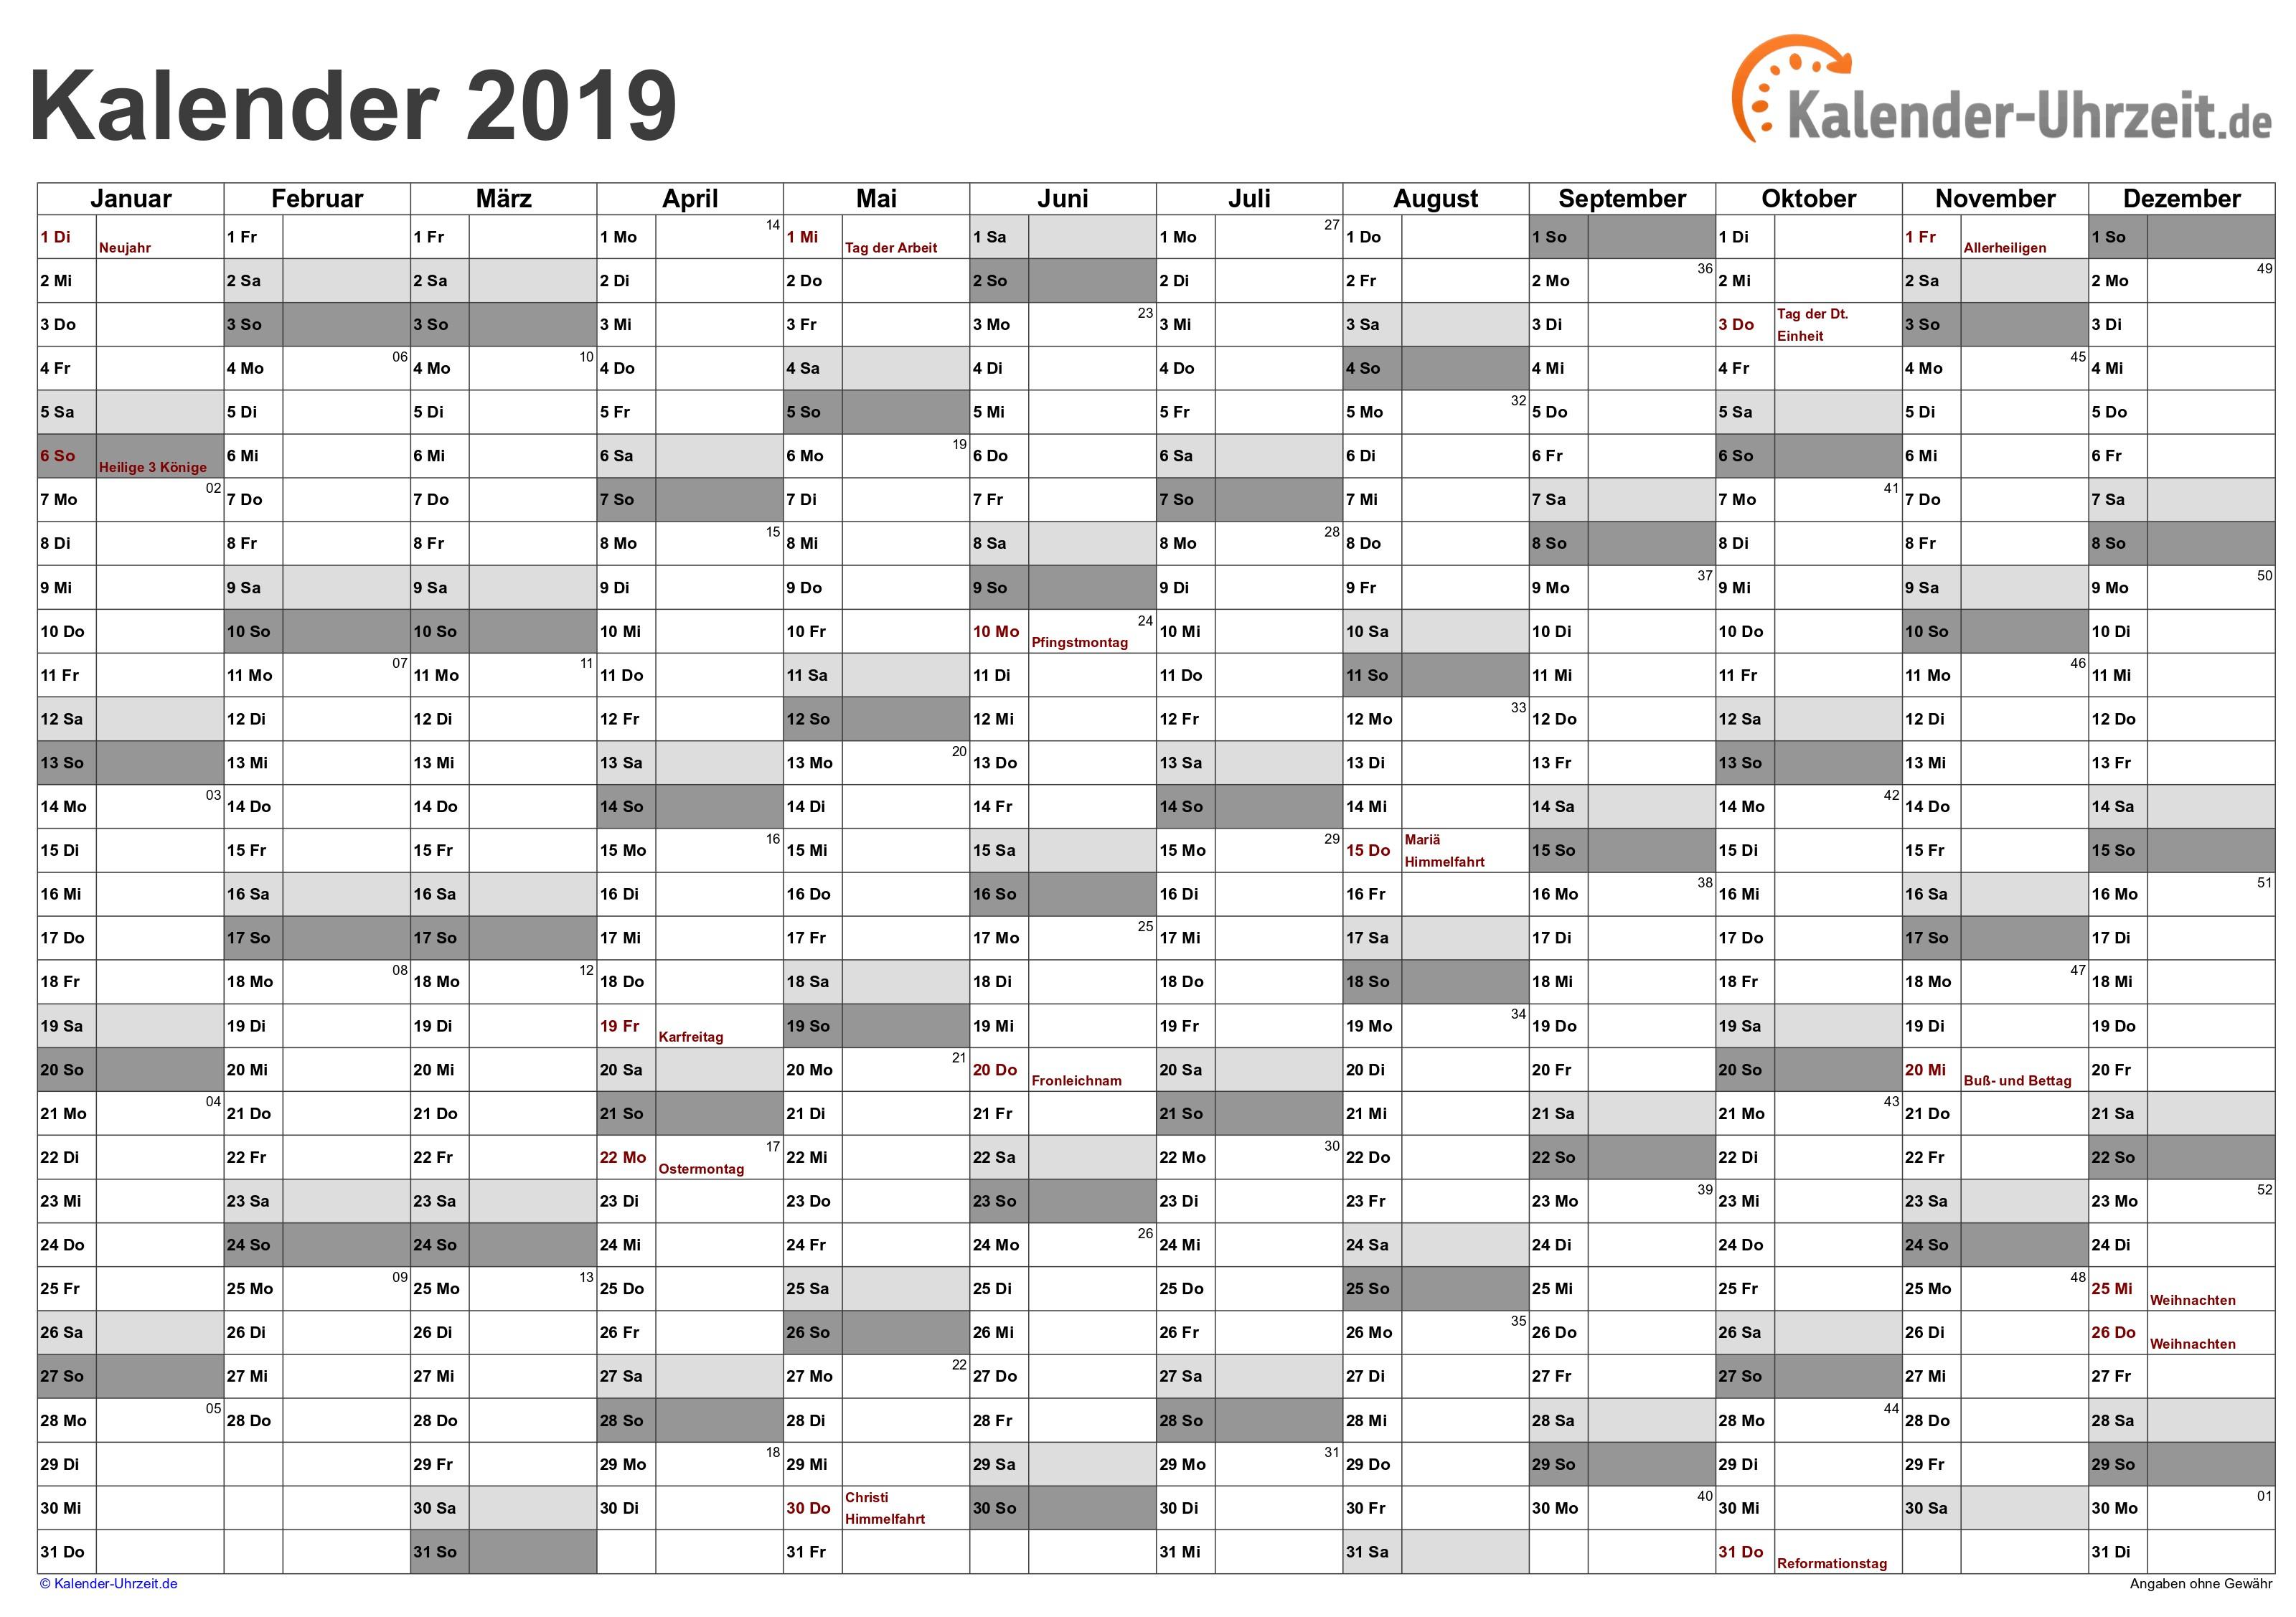 Kalender 2019 In Excel Einfügen Más Recientes Excel Kalender 2019 Kostenlos